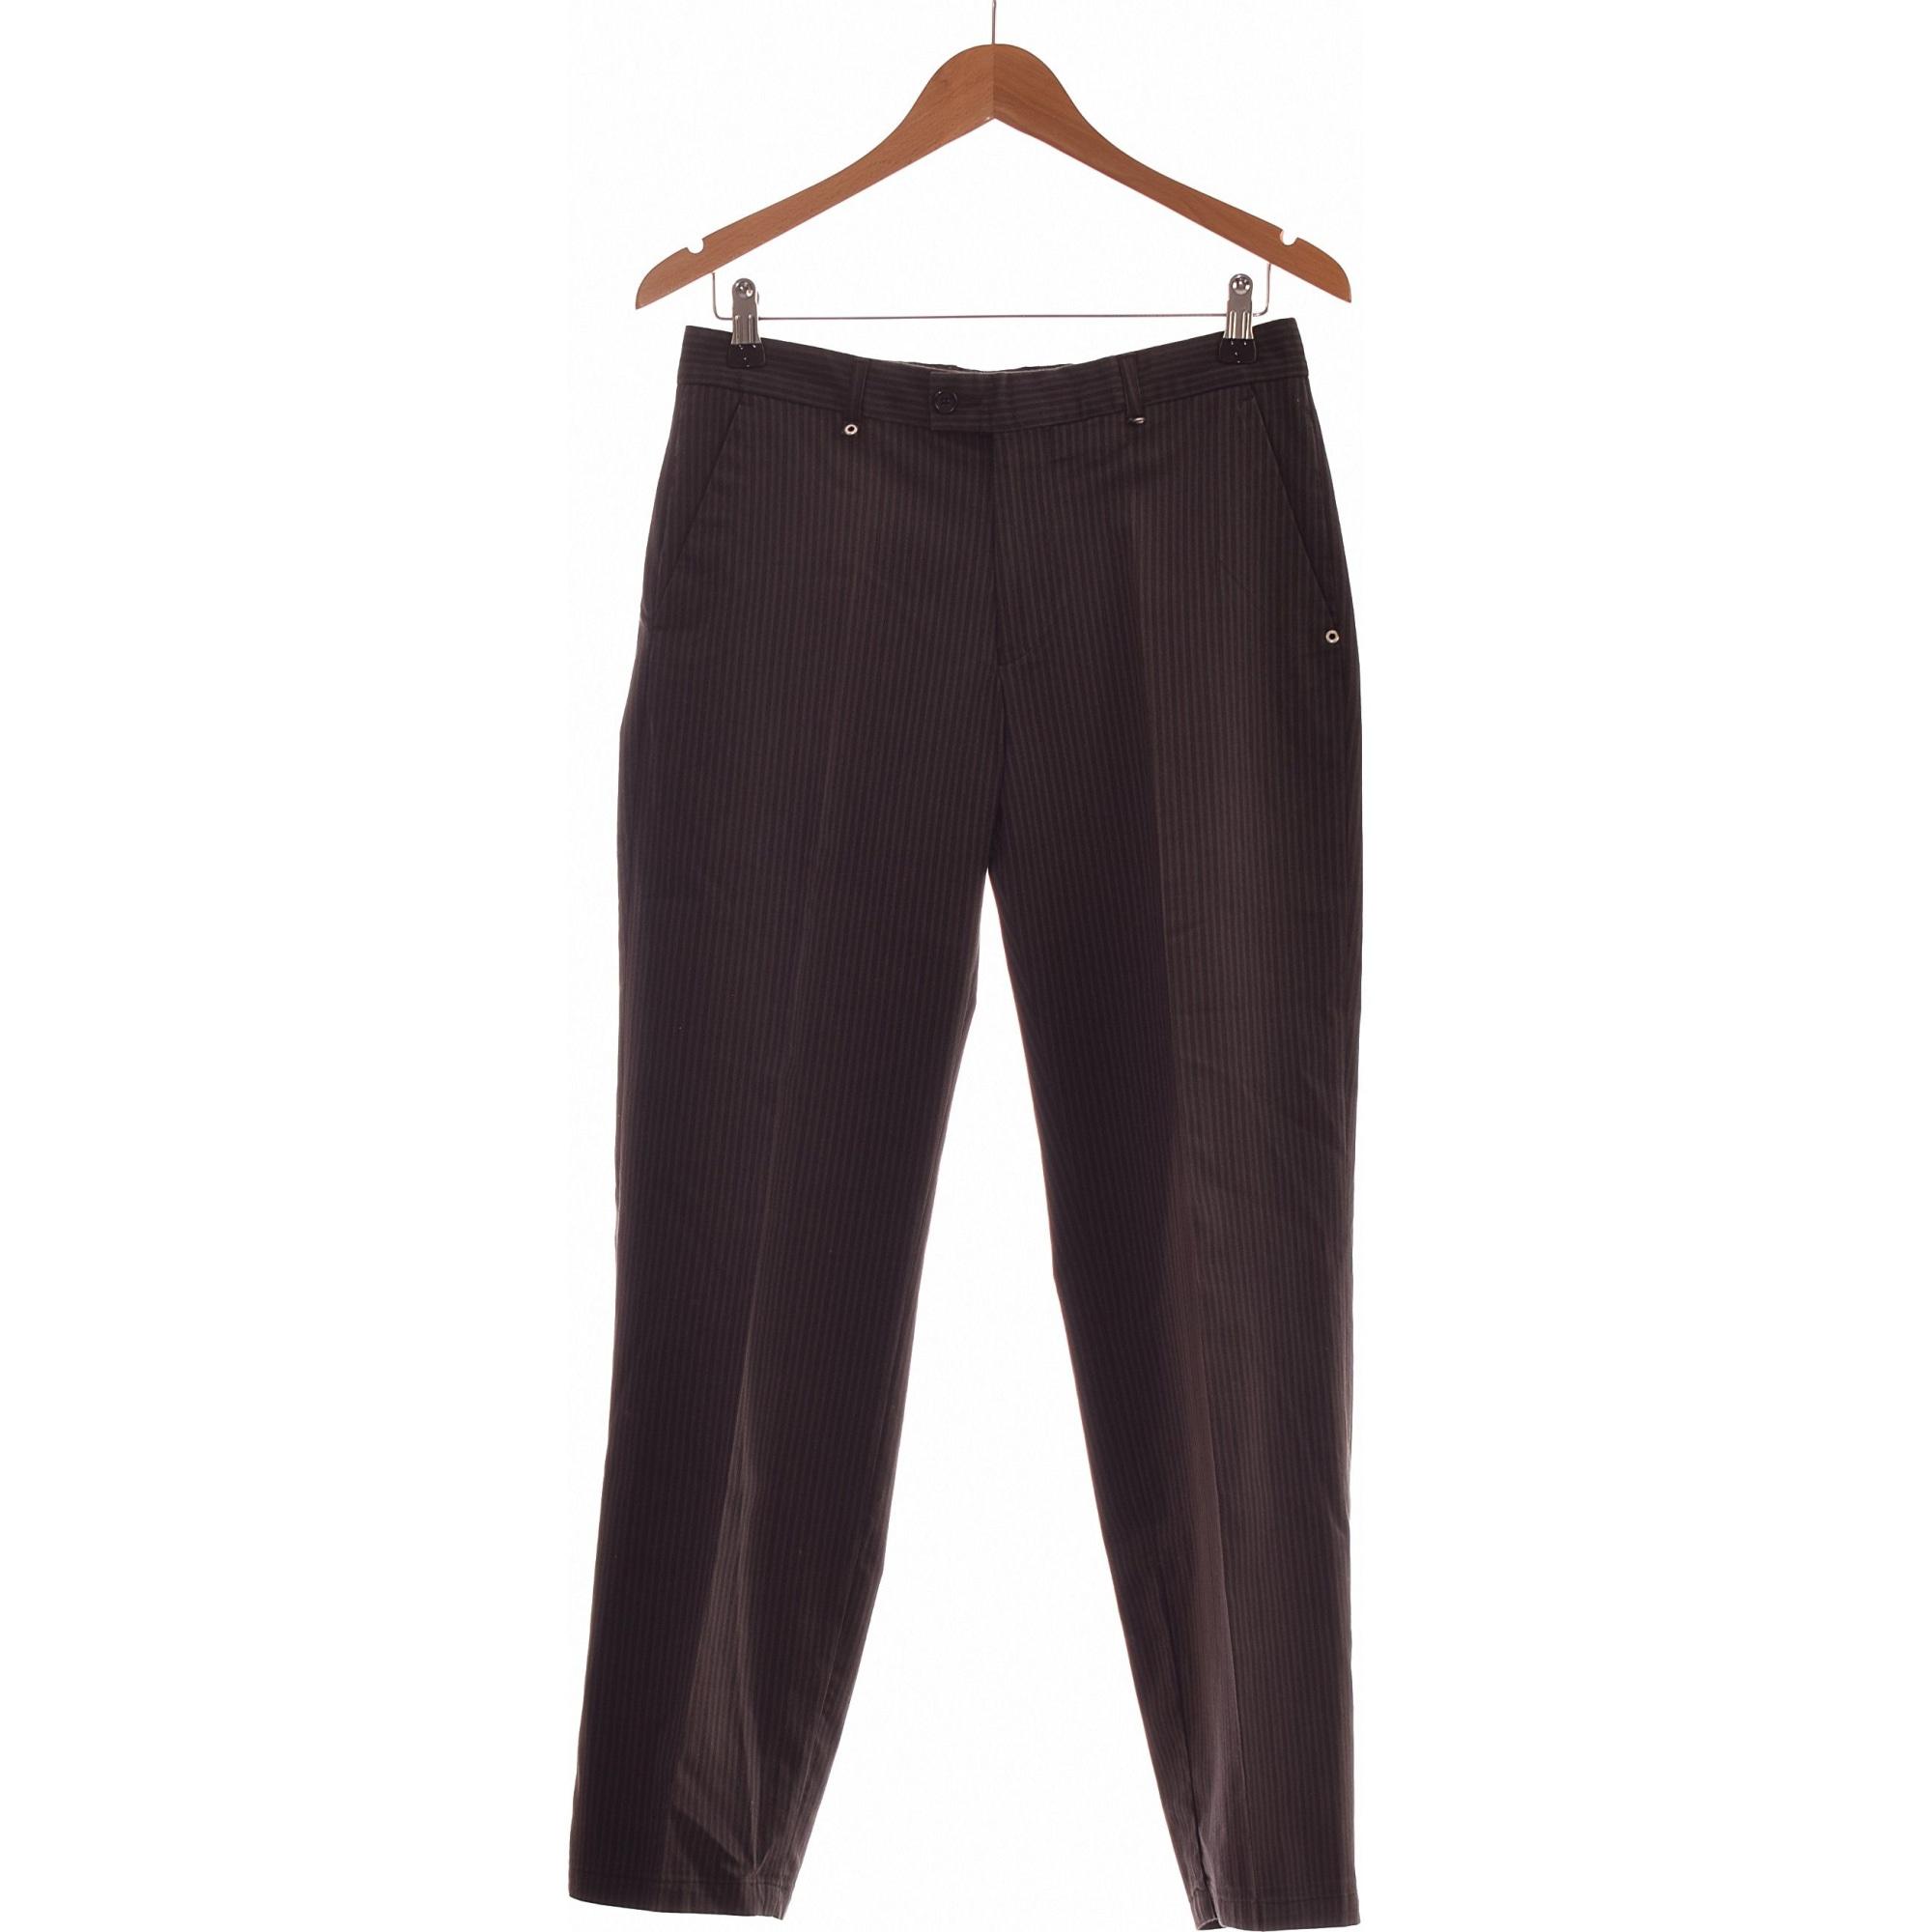 Pantalon droit CARNET DE VOL Gris, anthracite